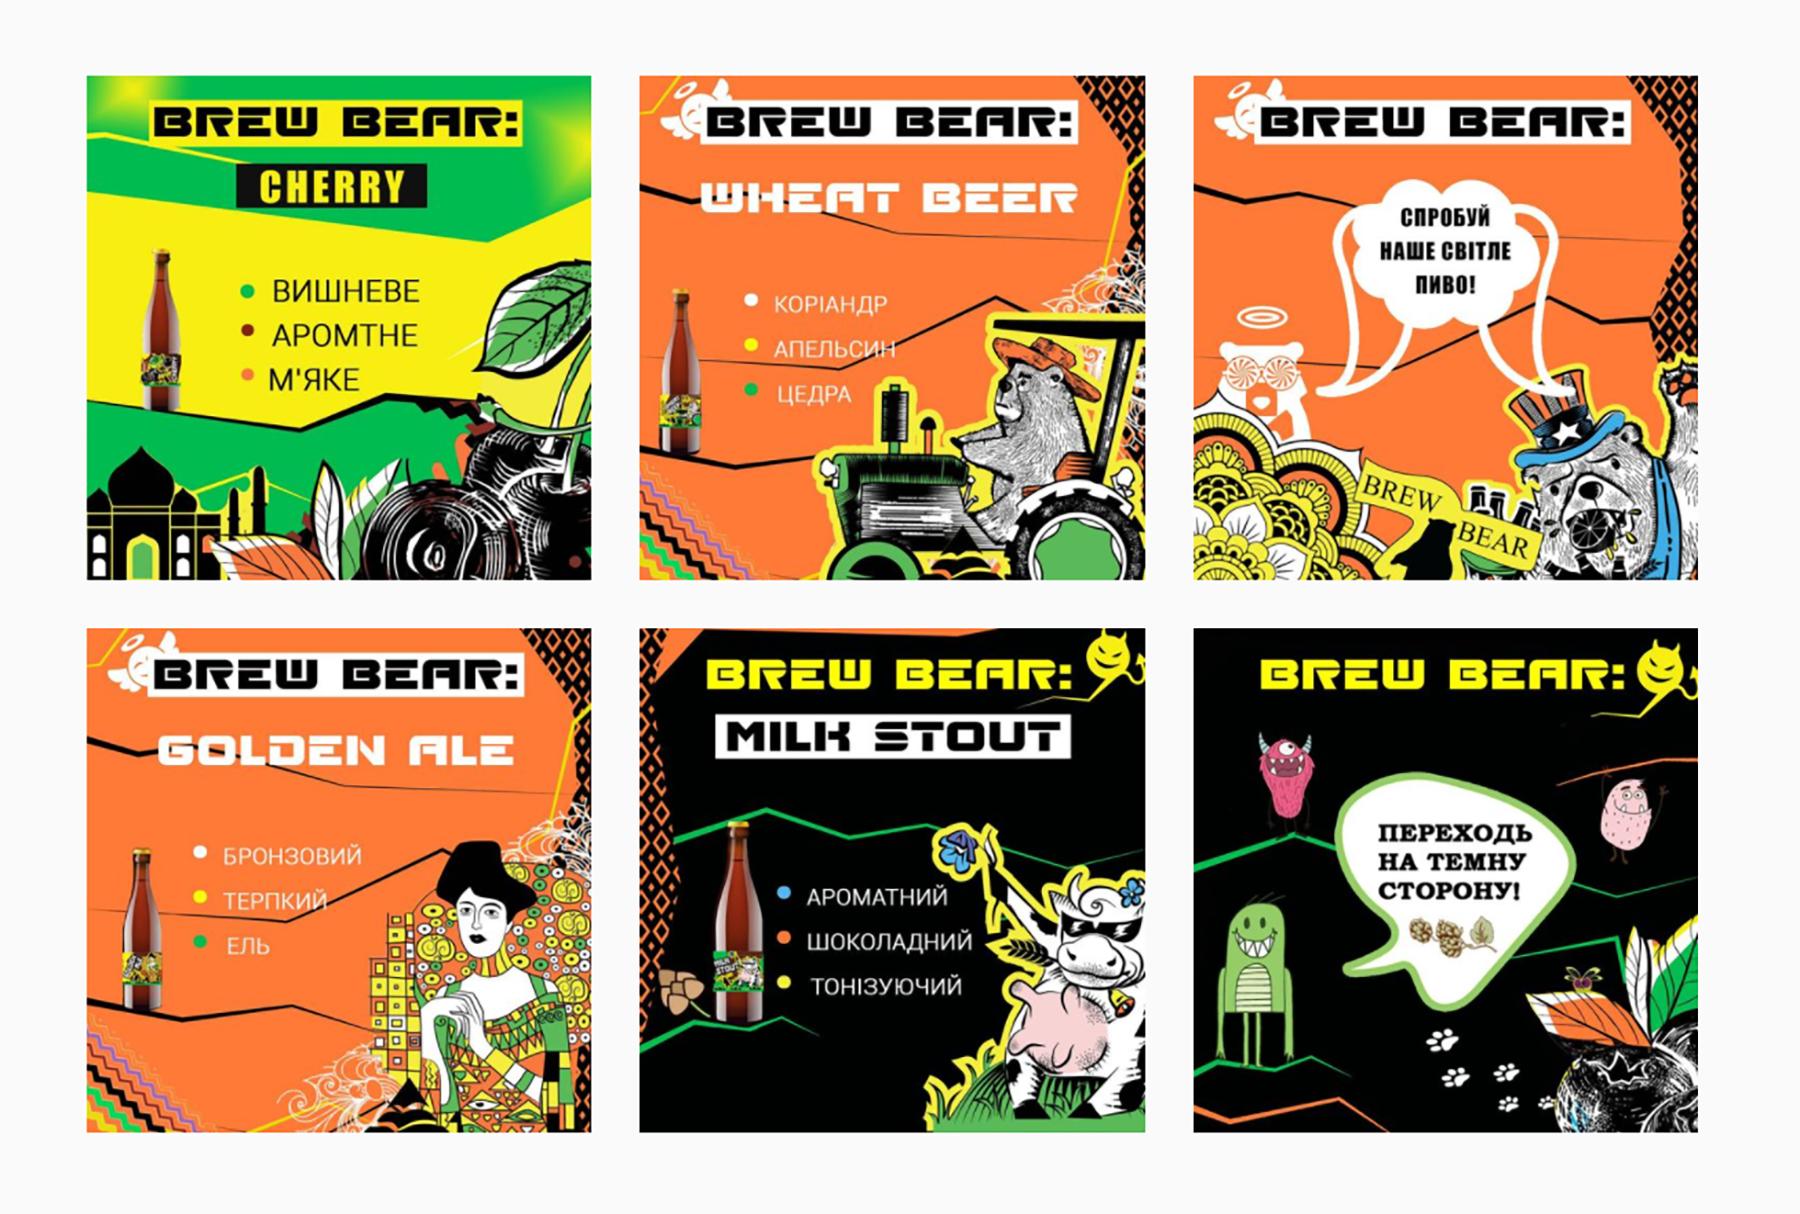 Створення корпоративного сайту крафтової пивоварні